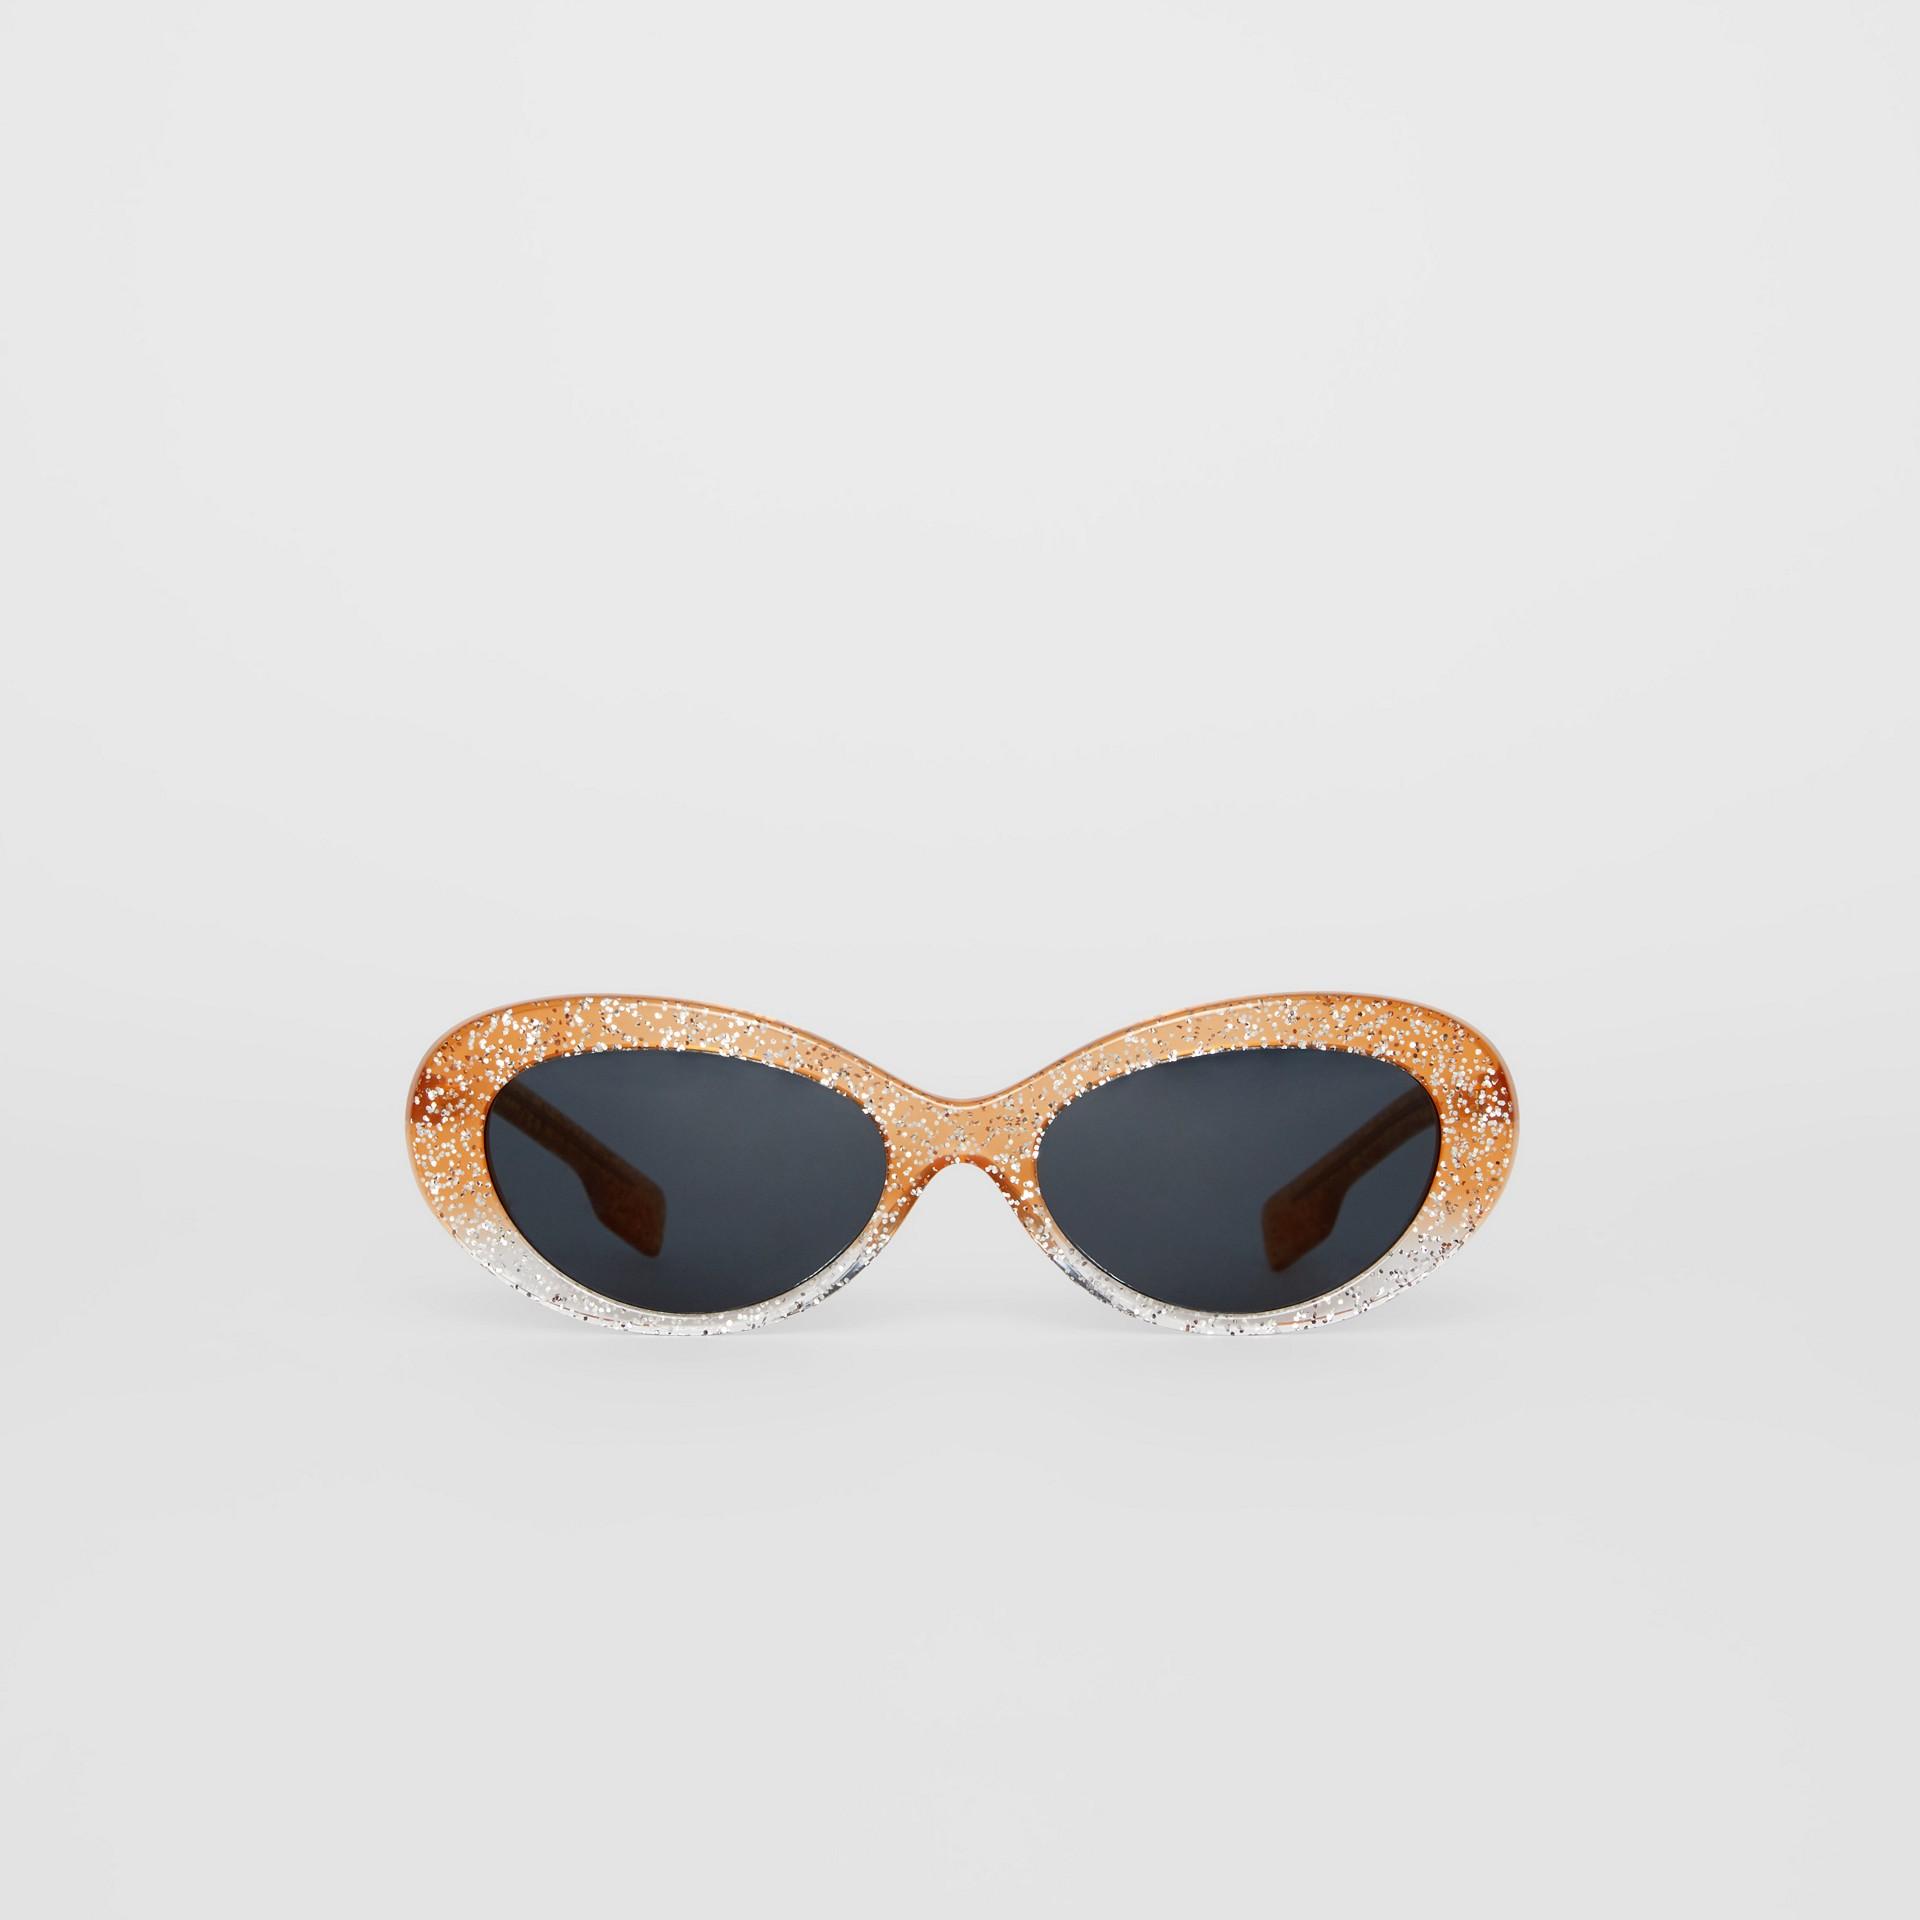 Lunettes de soleil à monture œil-de-chat avec détail pailleté (Orange) - Femme | Burberry - photo de la galerie 0